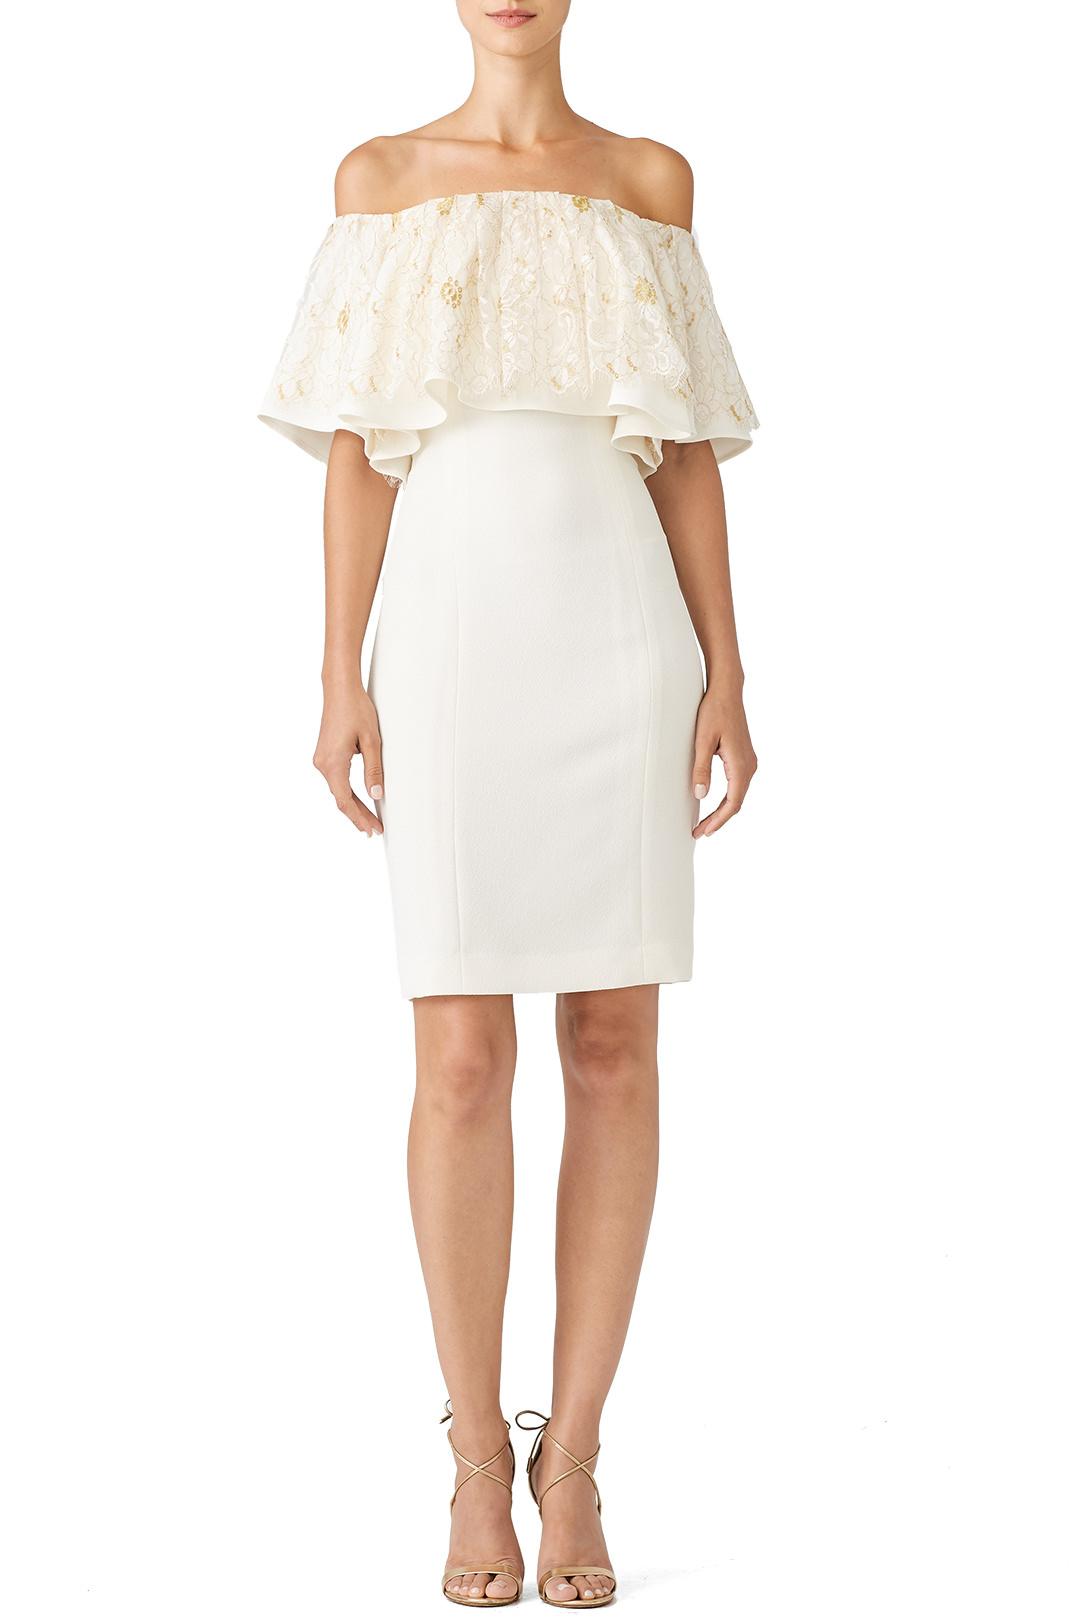 Slate & Willow Golden Iris Dress